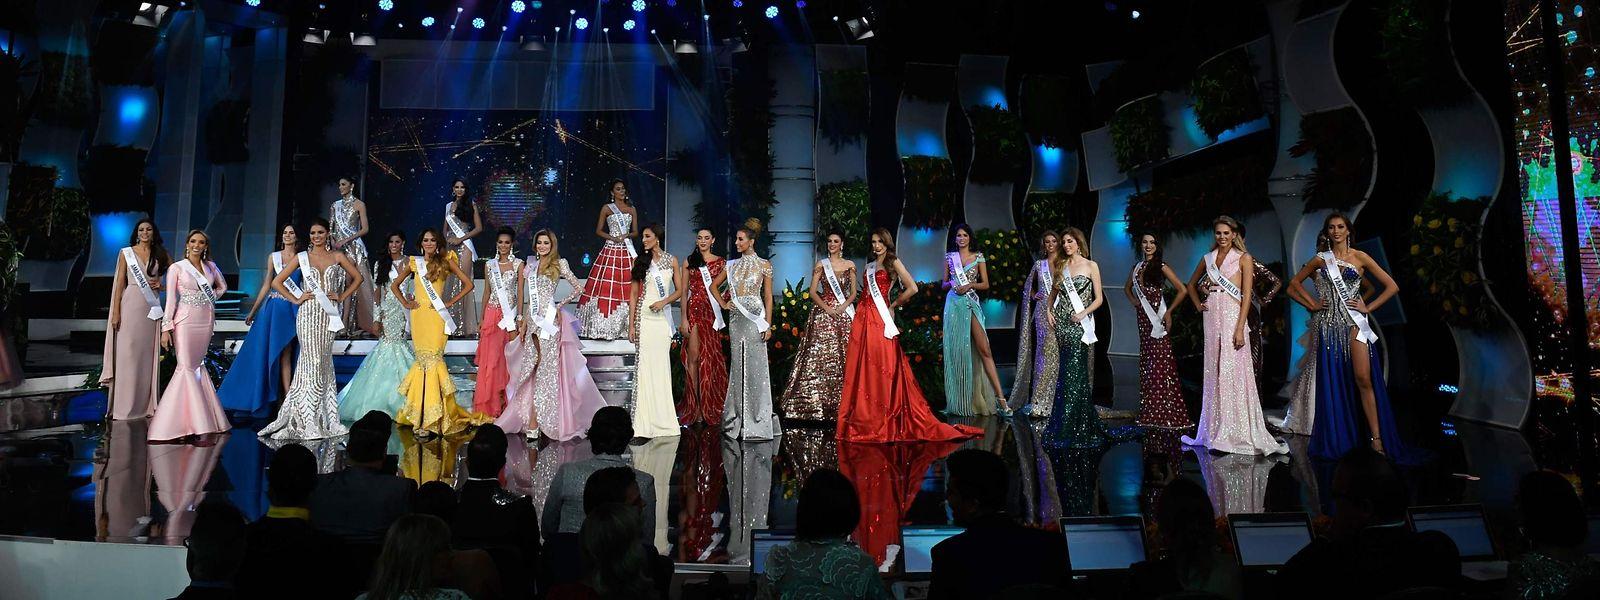 Miss Venezuela 2019: Die Kandidatinnen präsentieren sich in ihren Abendkleidern.